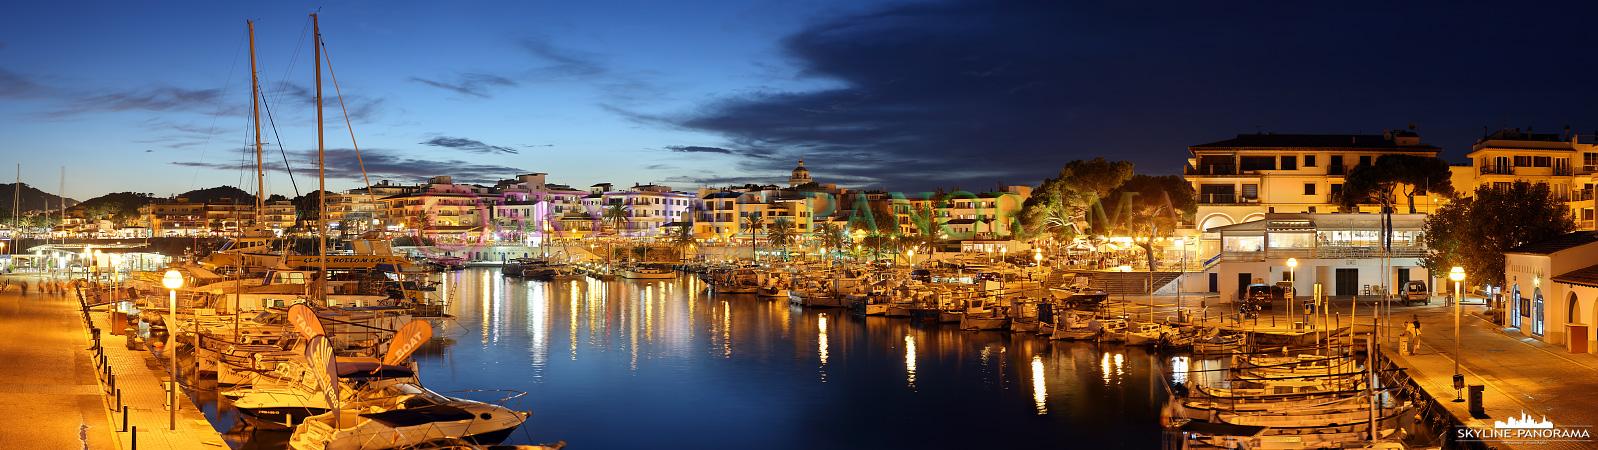 Balearen Mallorca - Dieses Panorama zeigt den abendlichen Blick in den Yachthafen von Cala Ratjada auf der beliebten Ferieninsel Mallorca.